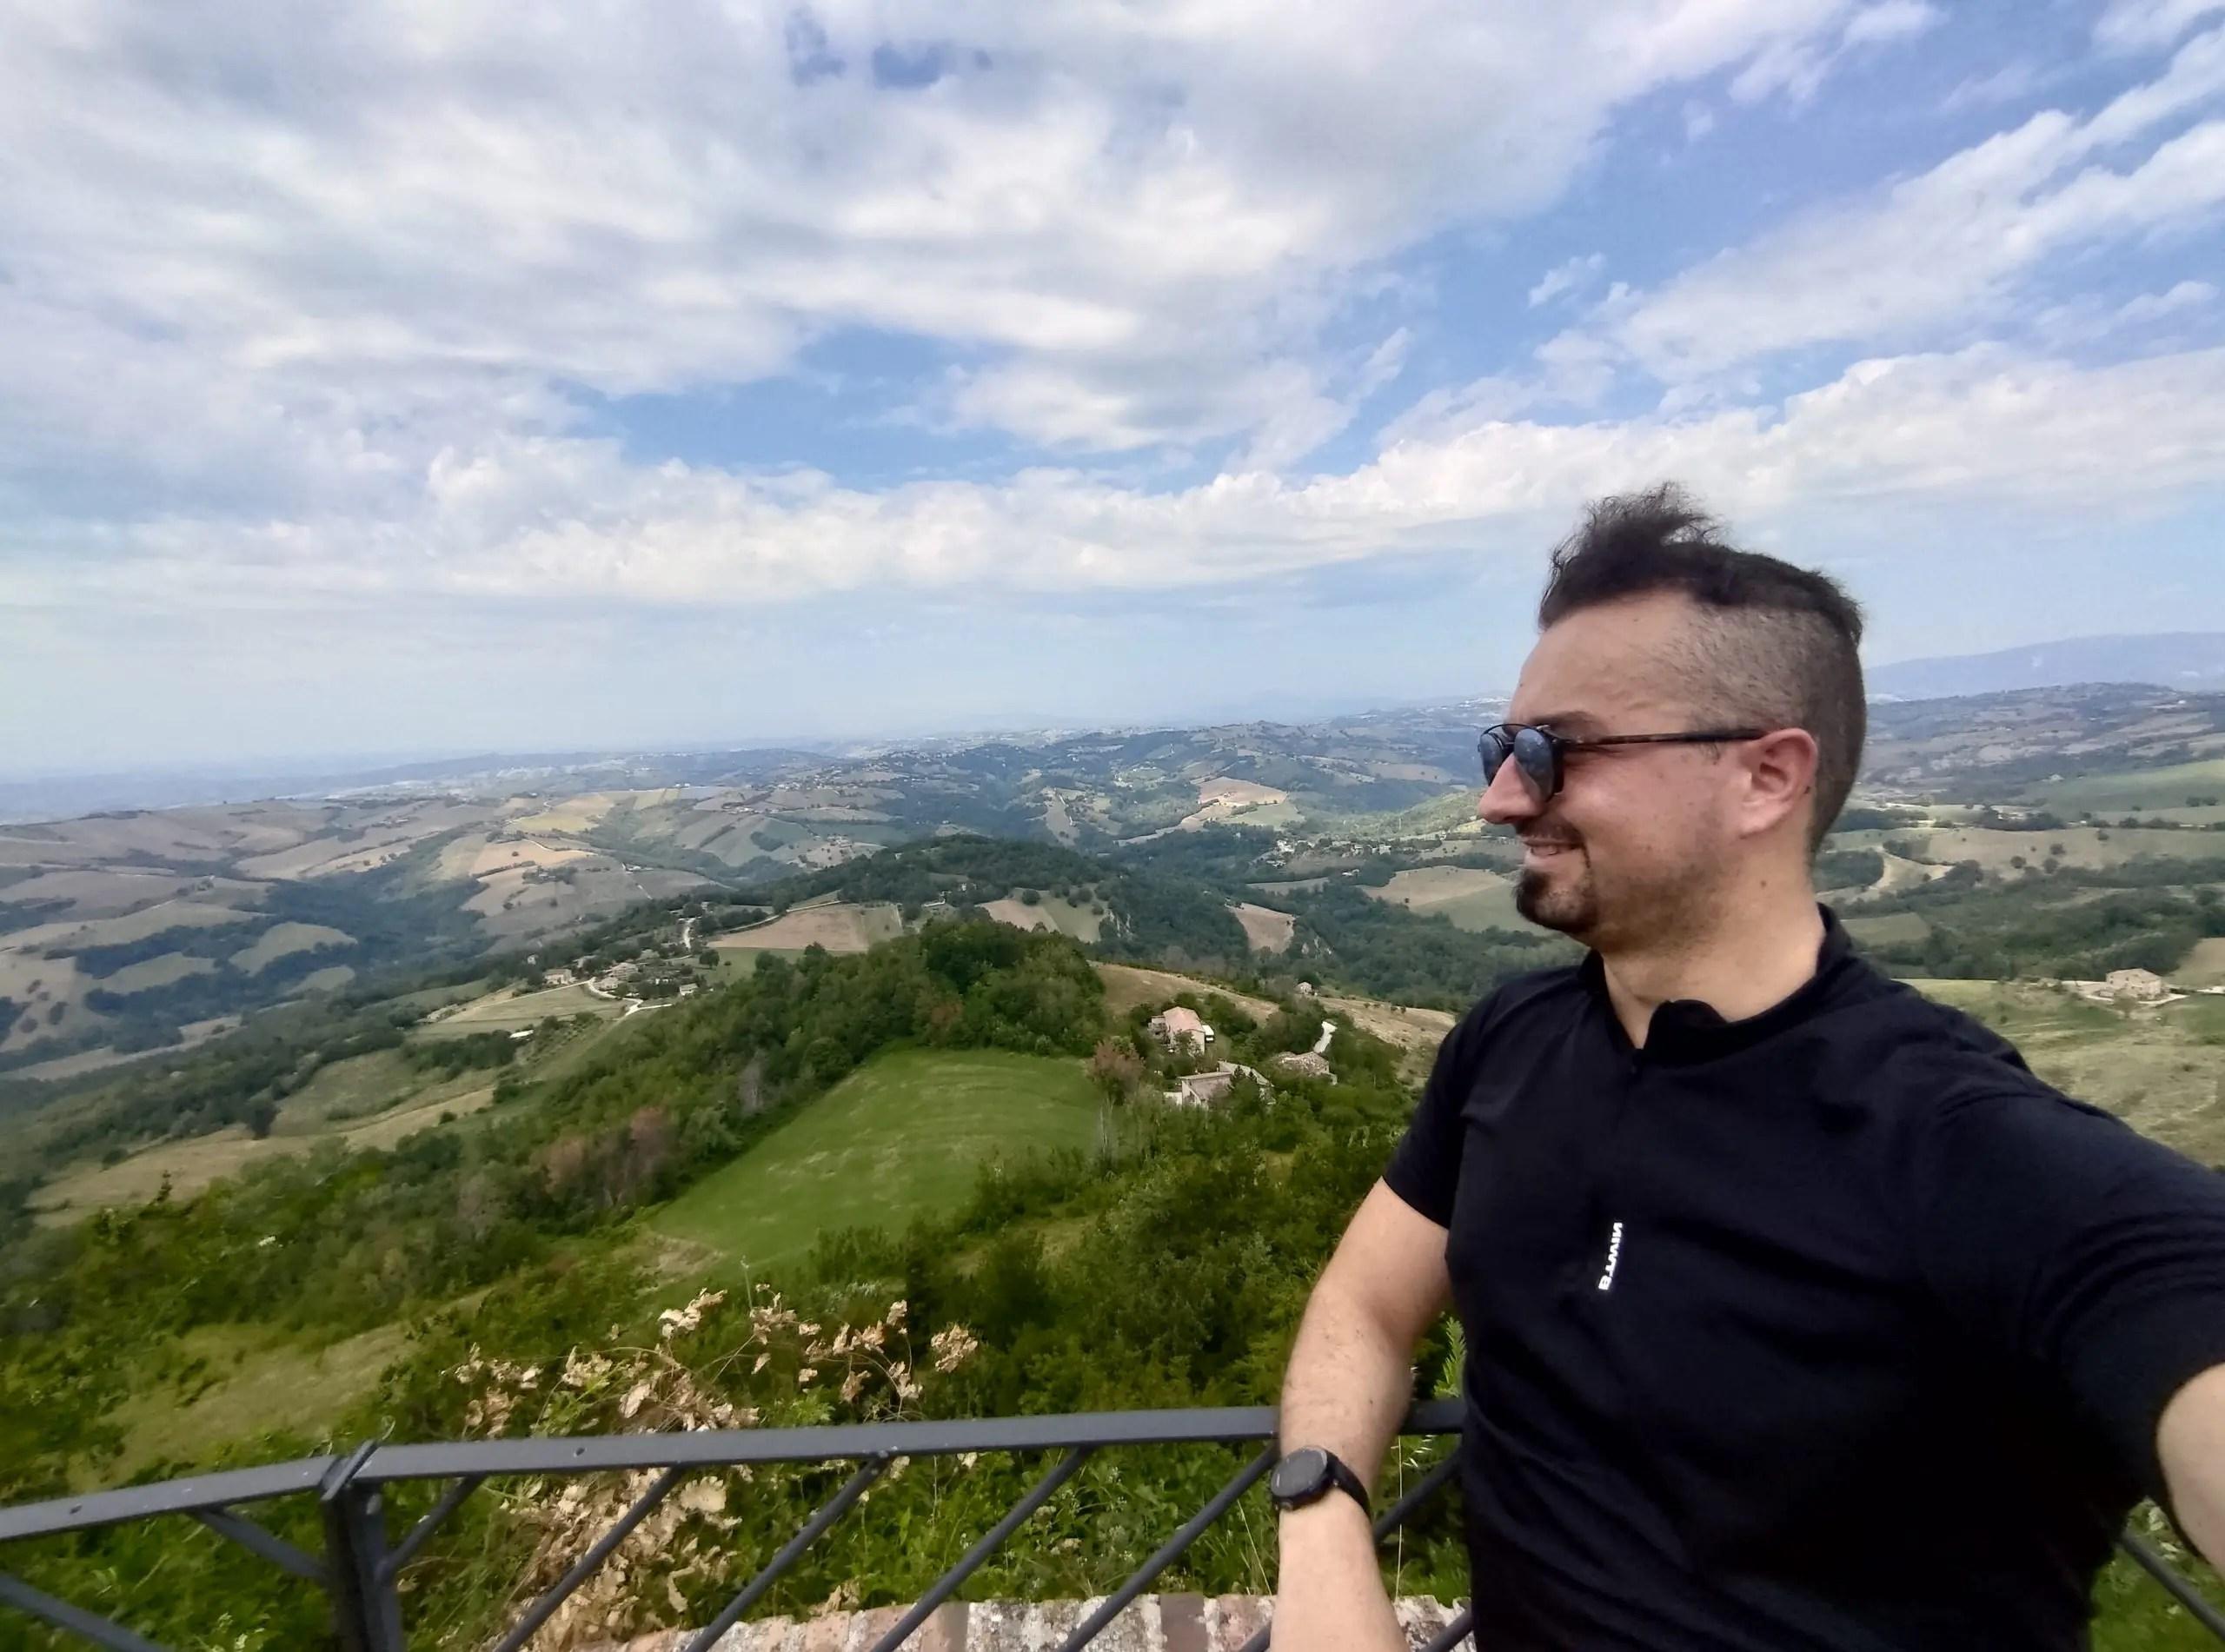 Monte Urano – Penna San Giovanni – 58 km in bici